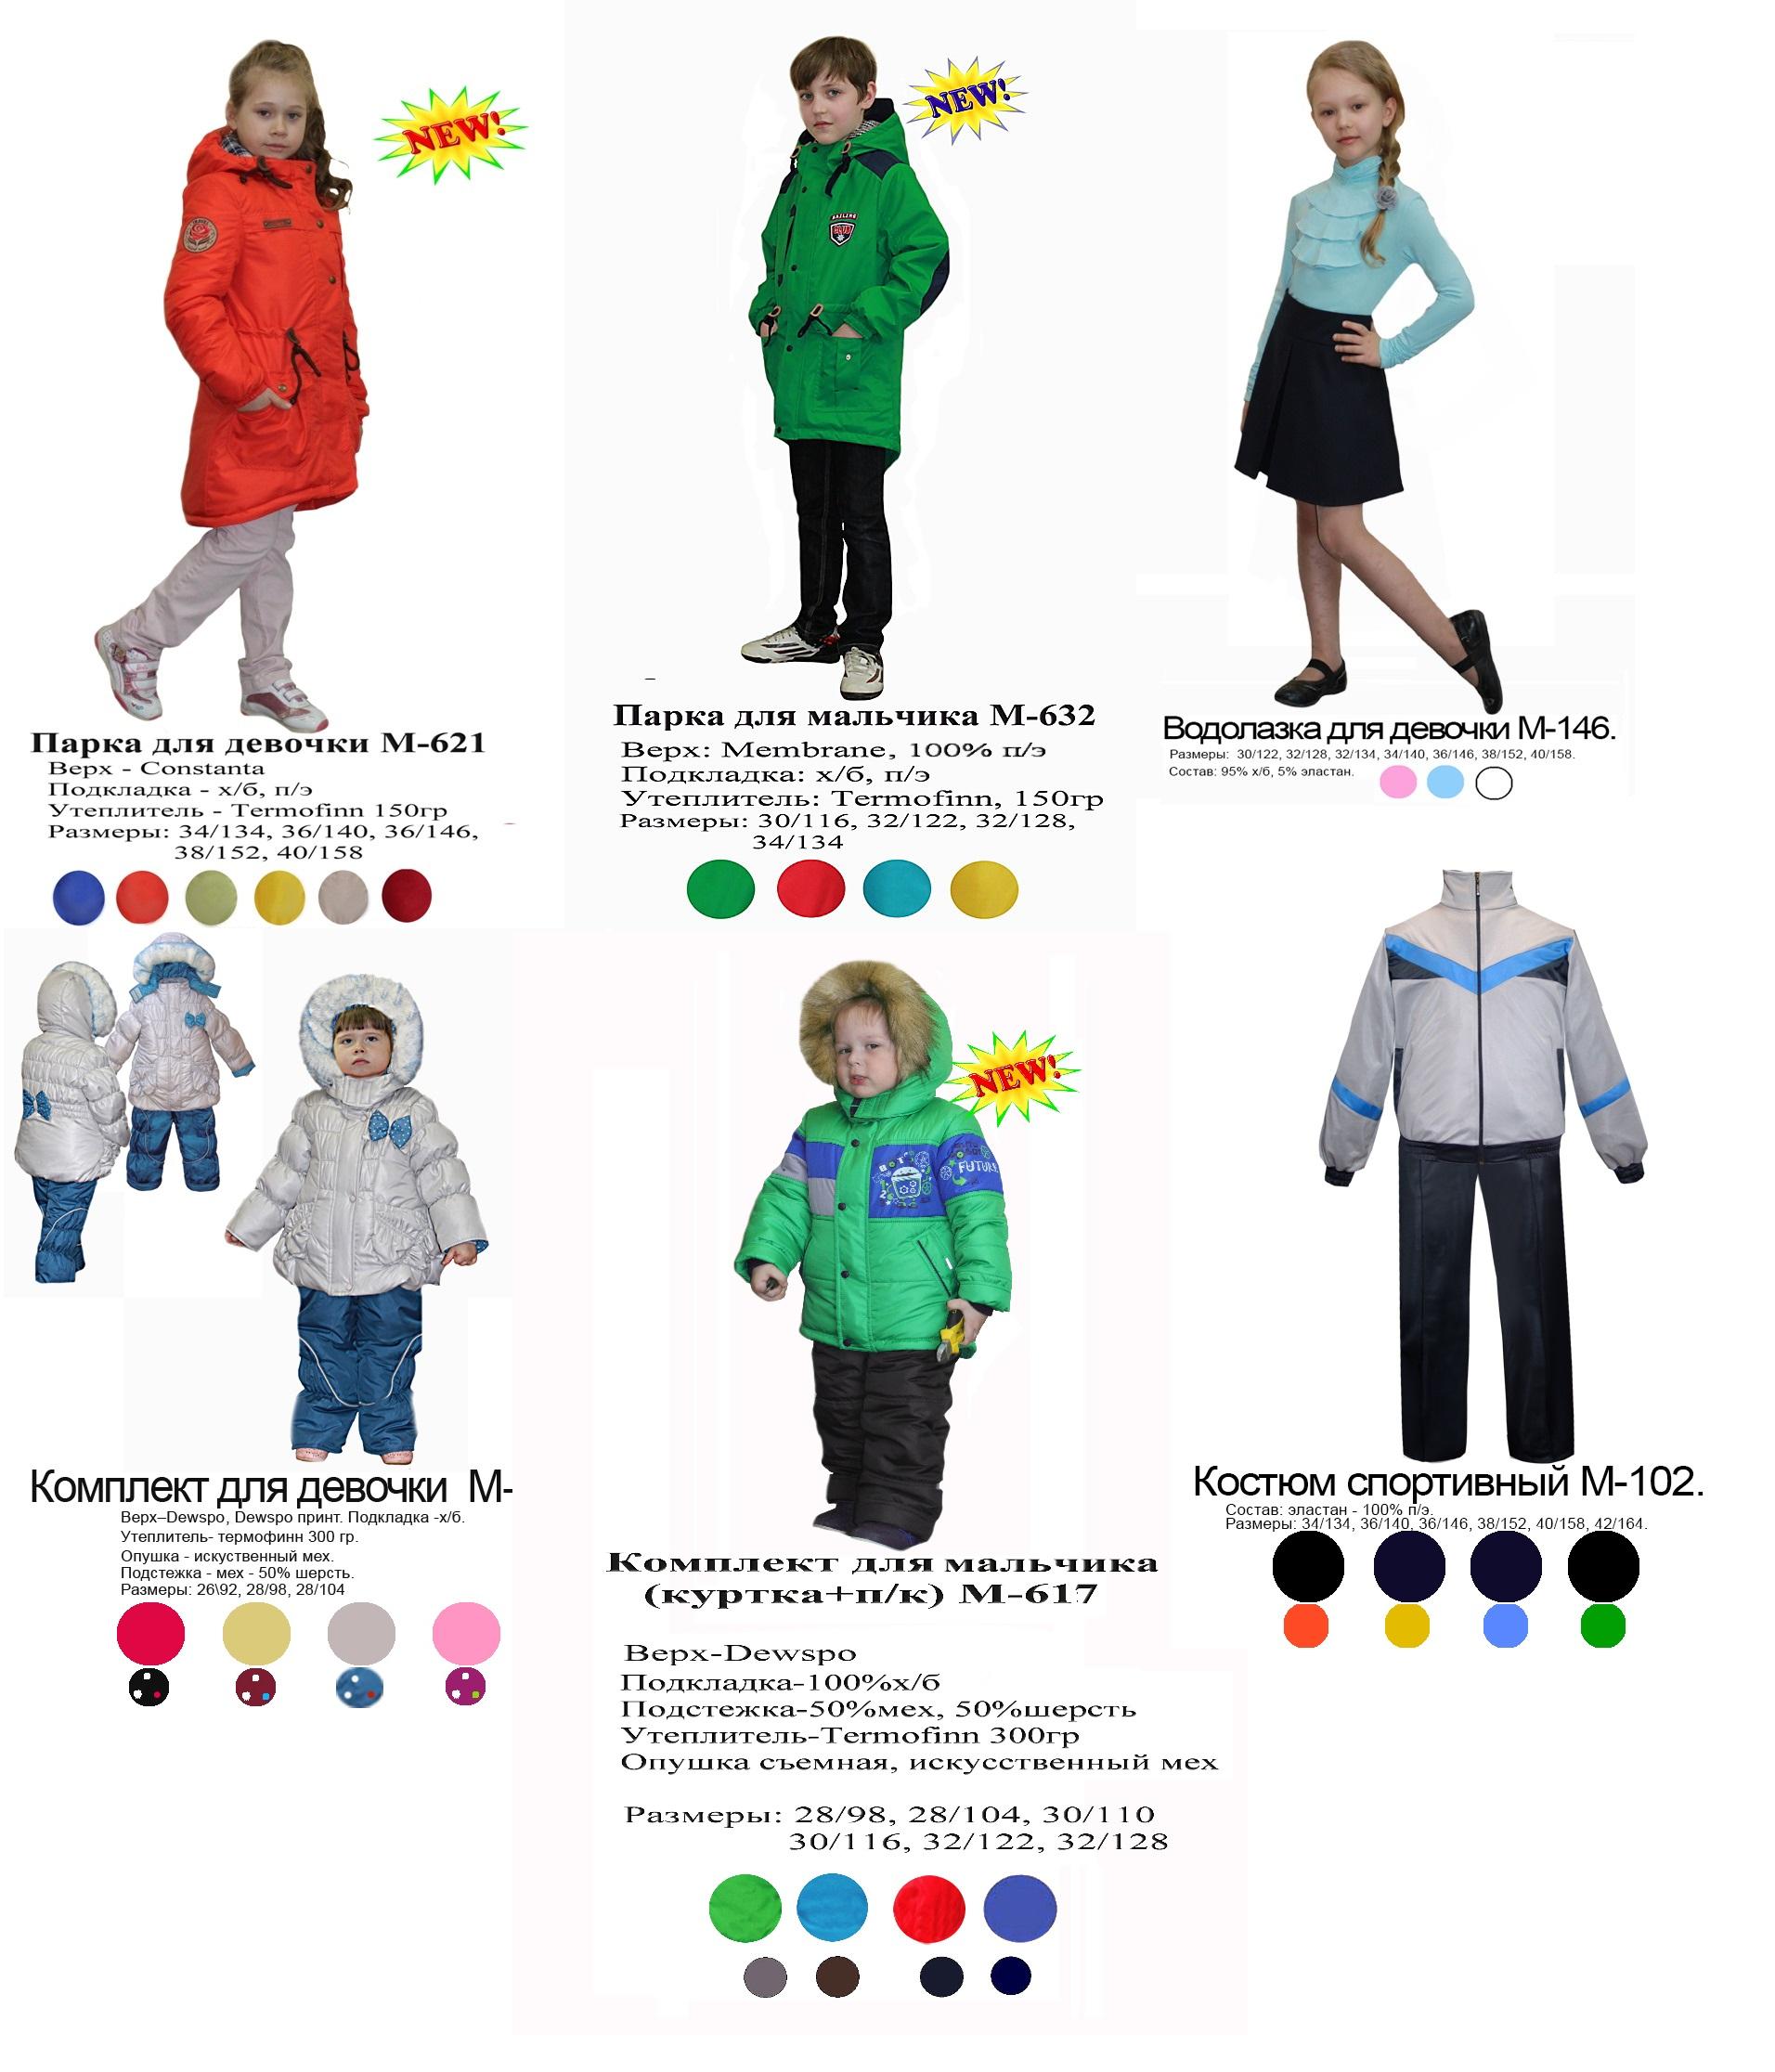 ТМ Эврика верхняя одежда для детей. Осень-Зима 2016-2017. Трикотаж. Школа. Без рядов! Цены радуют! Выкуп 25